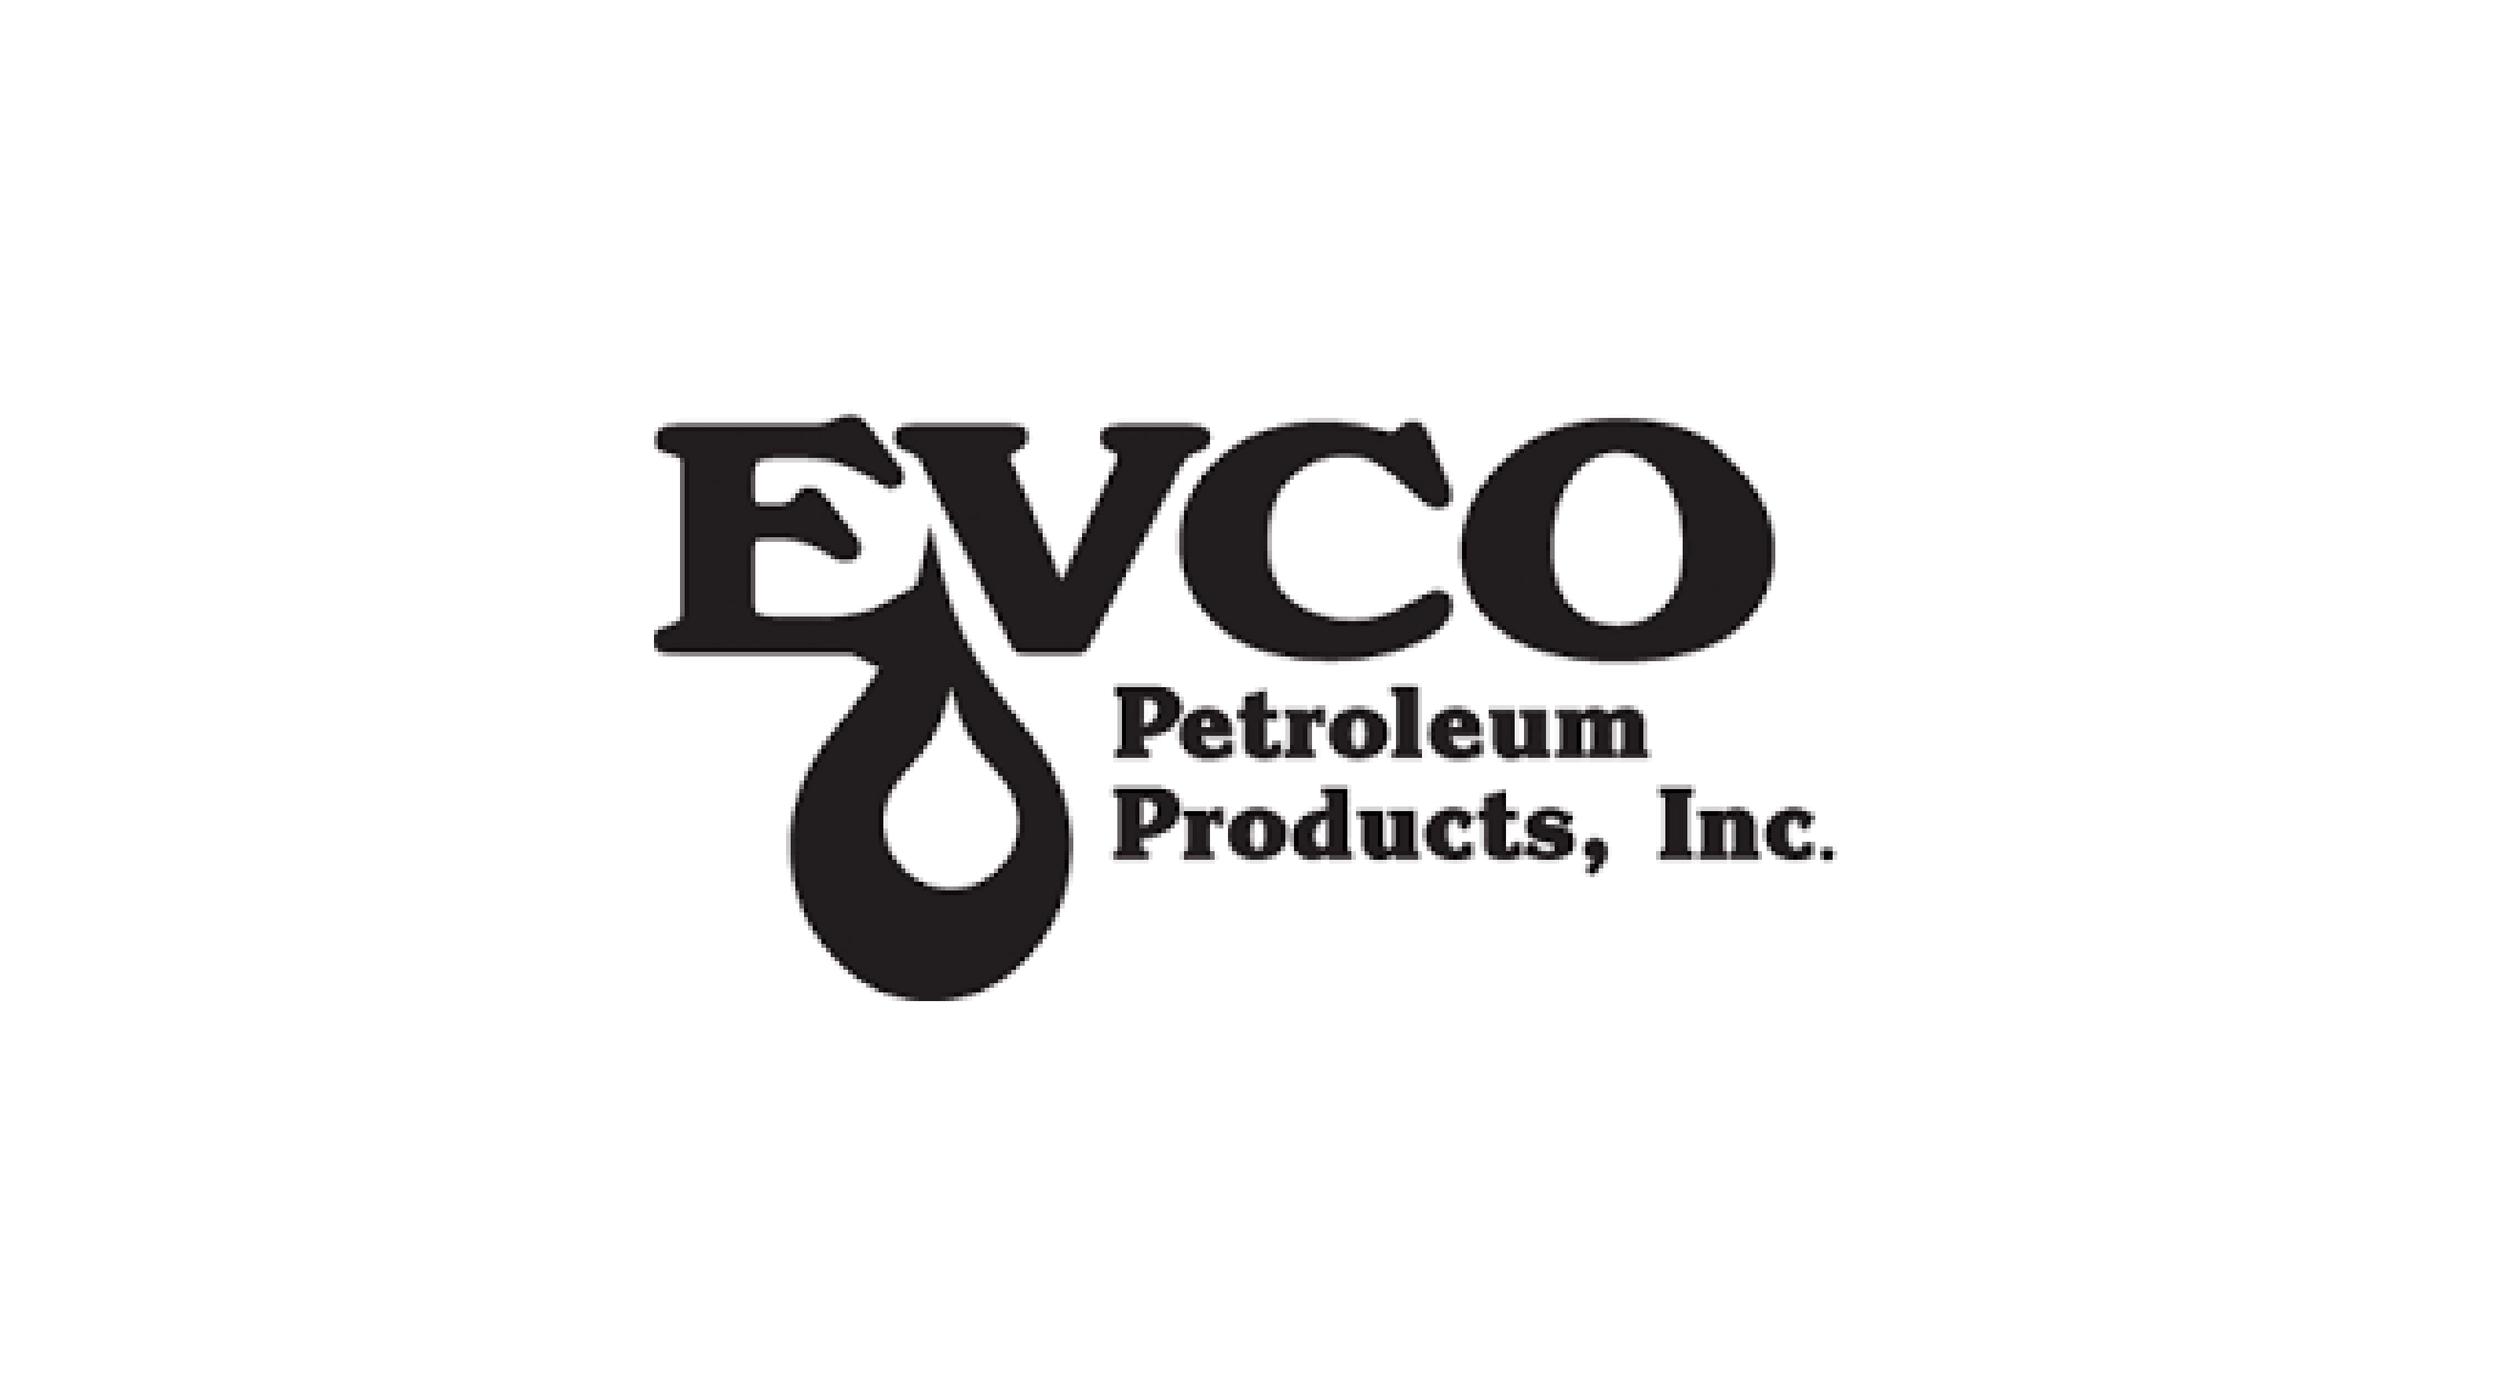 asset-logo_evco-petroleum.png